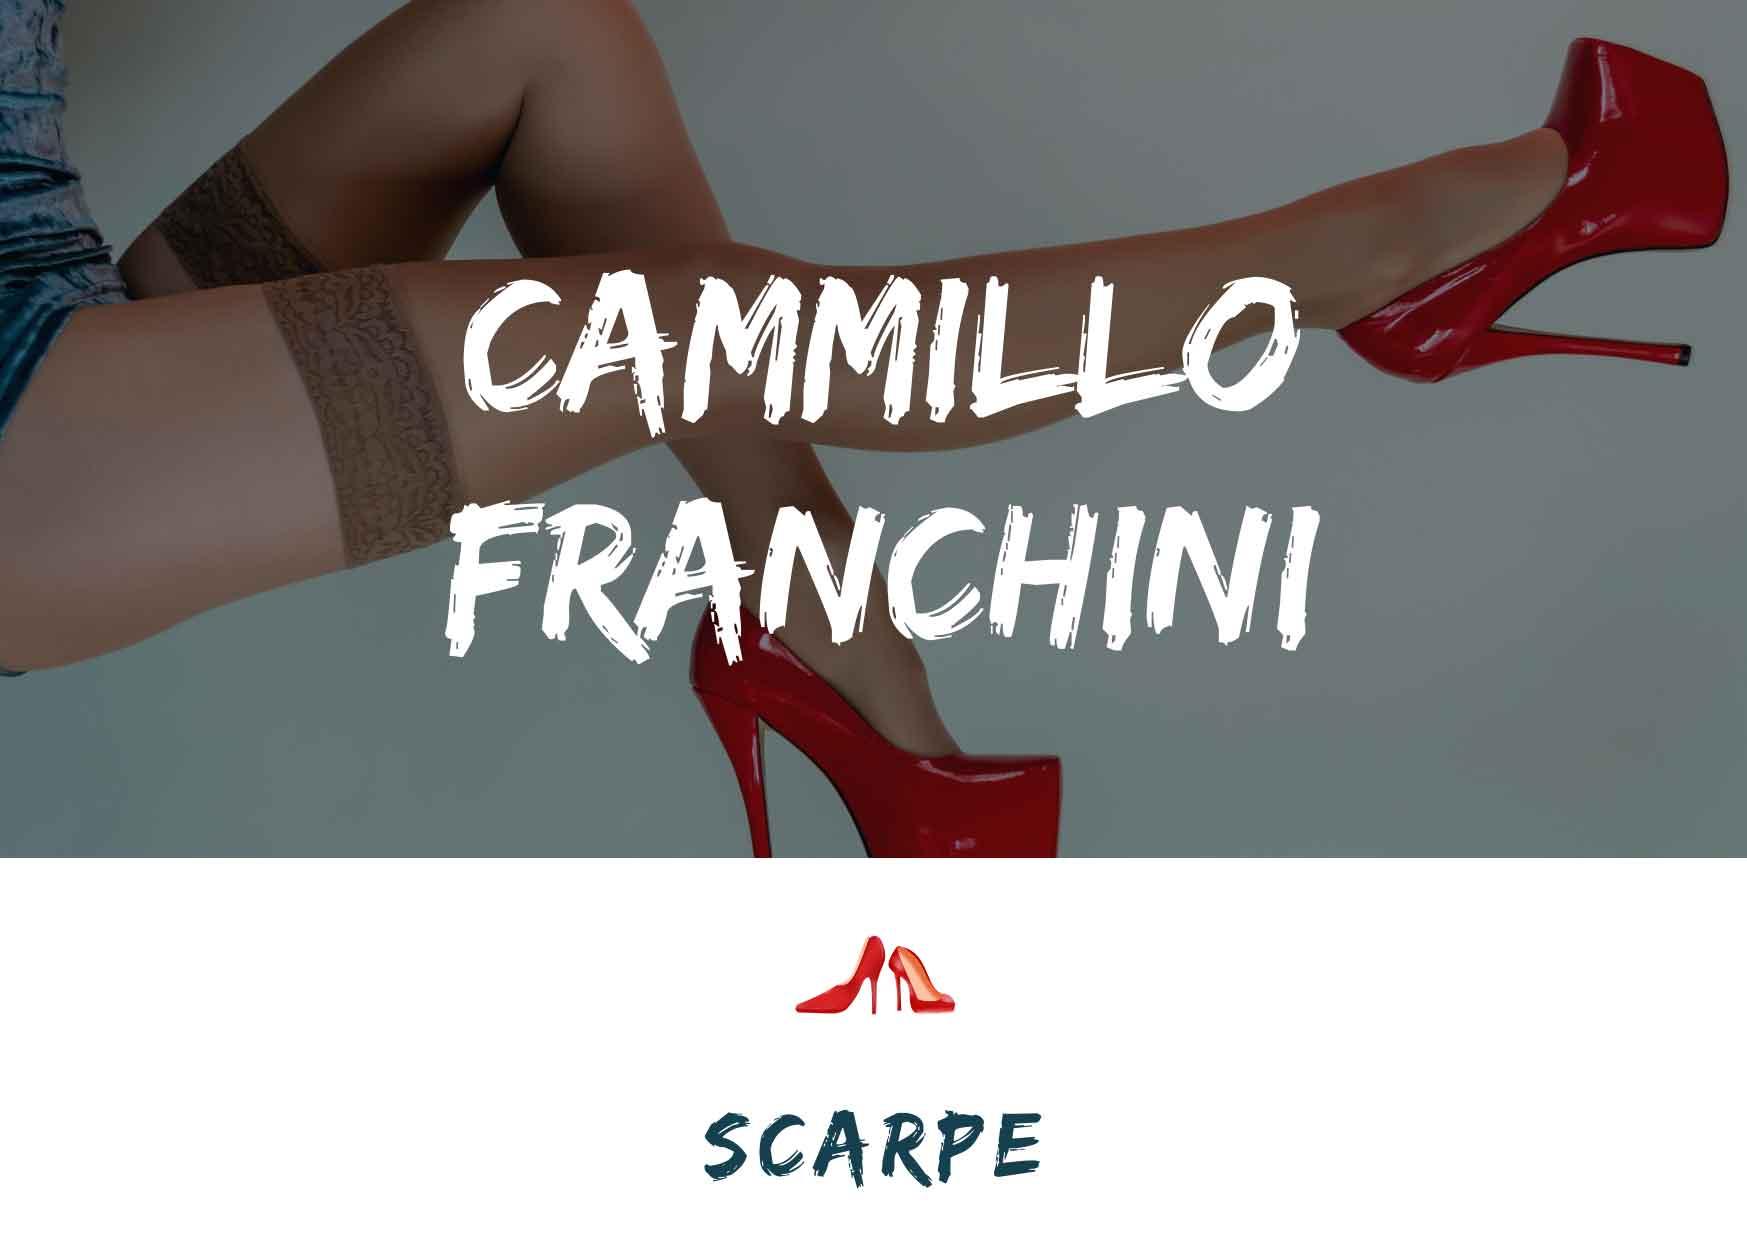 Scarpe-donna-Camillo-franchini